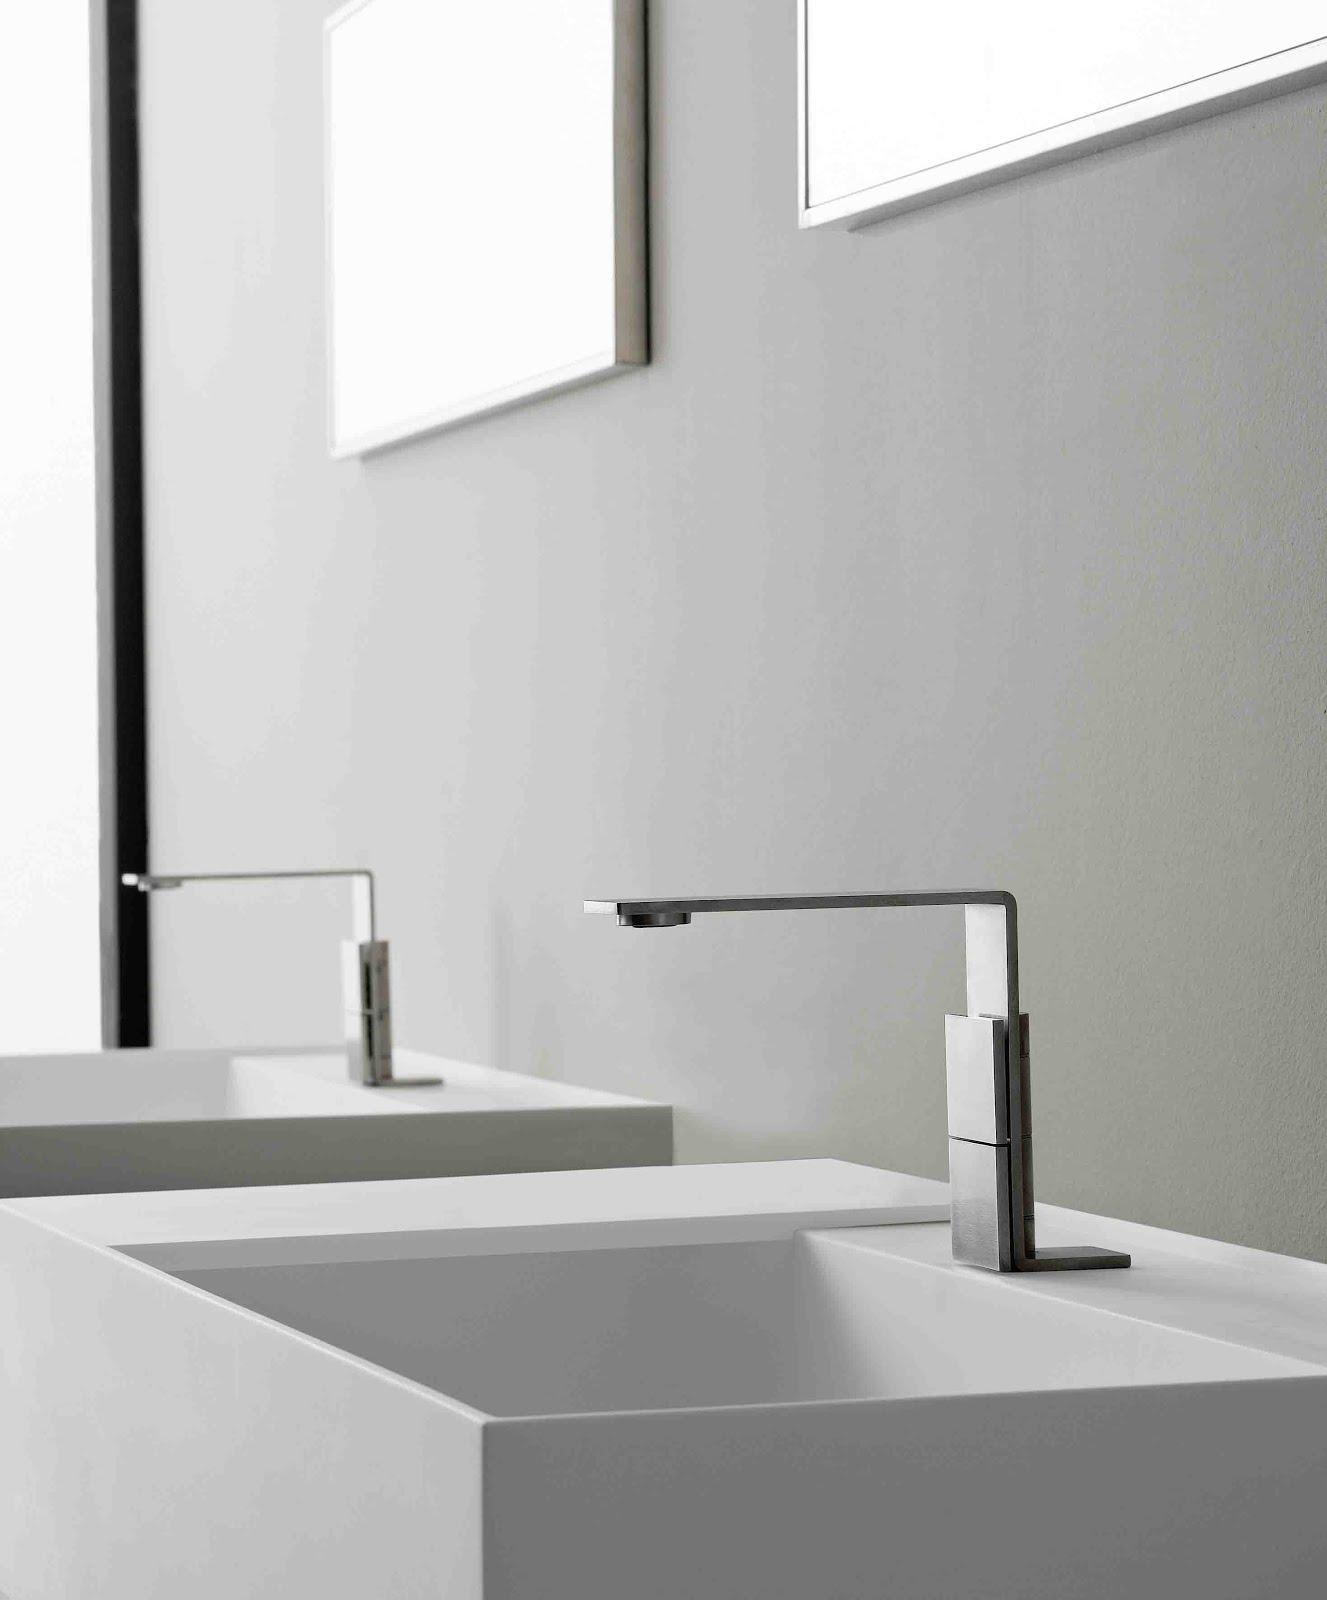 Arredo e design arredo bagno 1968 2018 rubinetterie for Arredo bagno anni 50